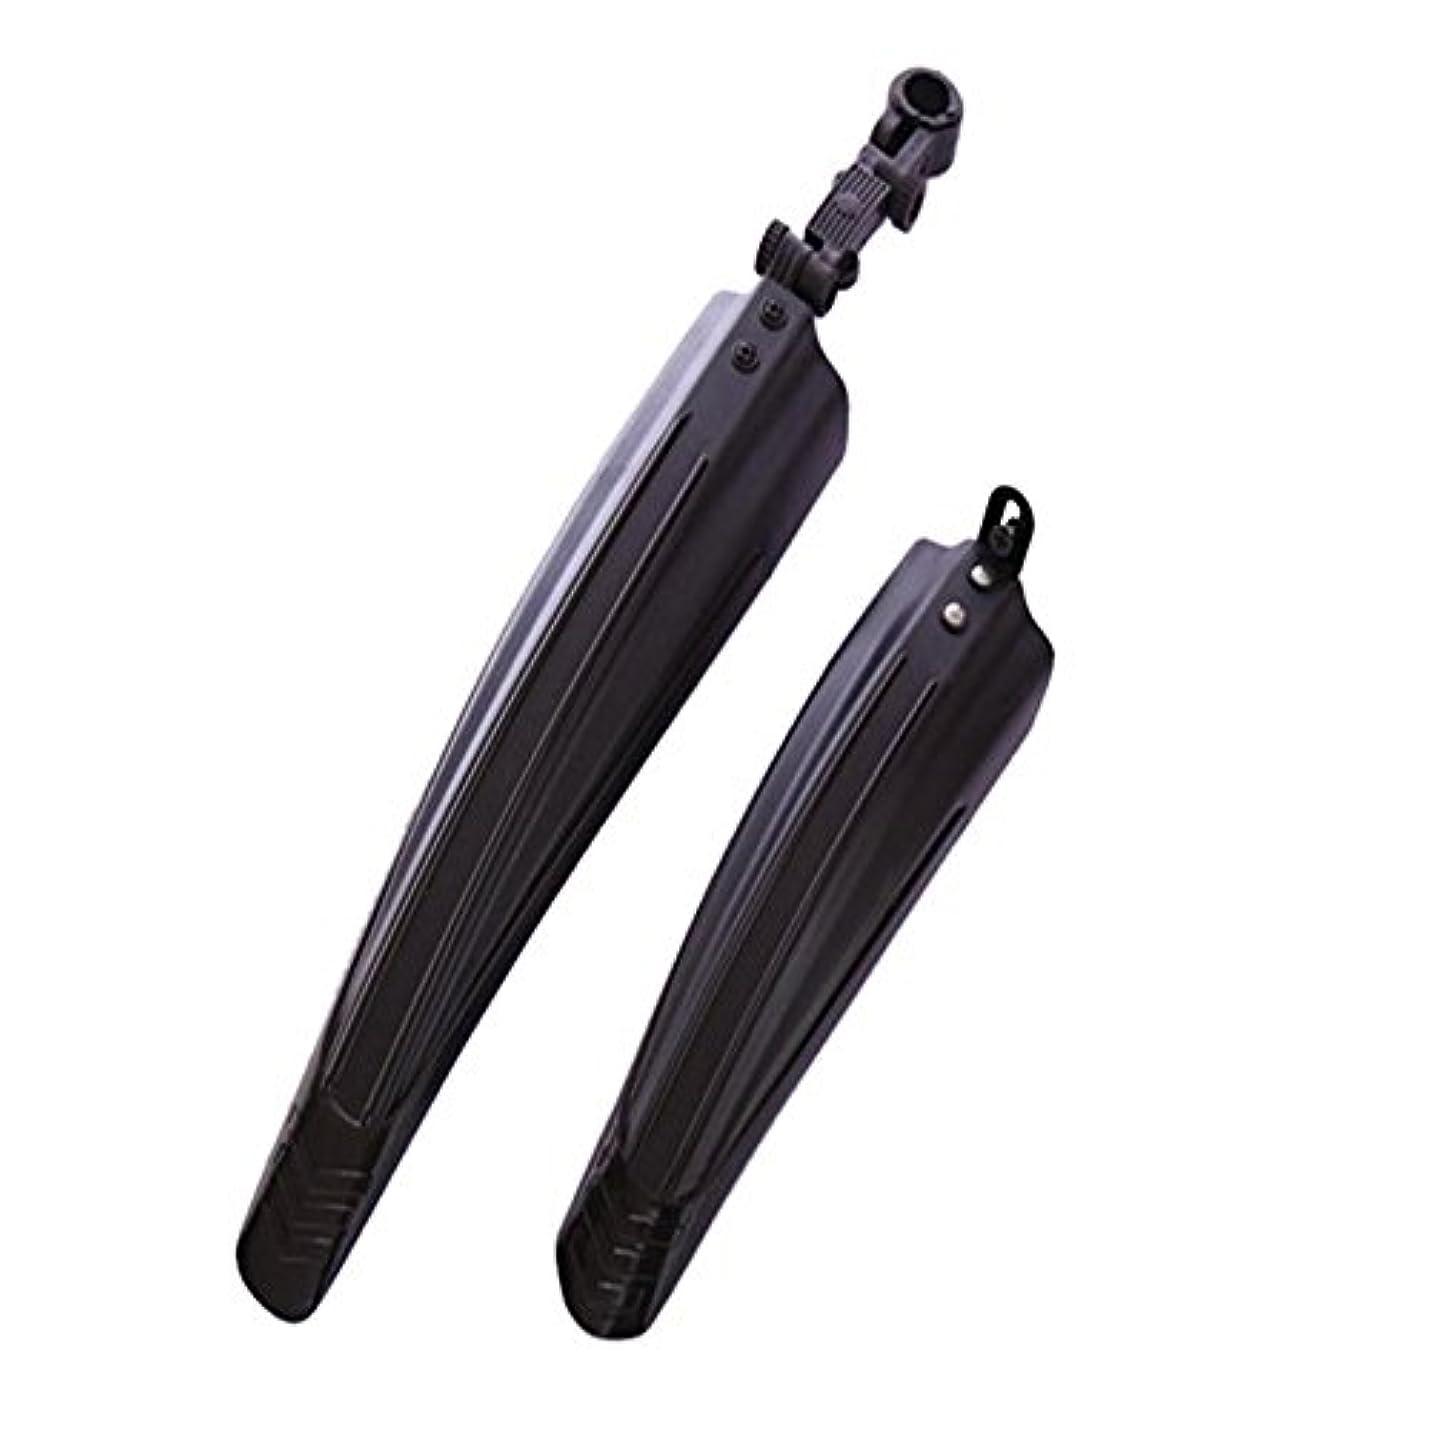 ペリスコープオーラル協定自転車マッドガード 泥除け サイクリングアクセサリー自転車フロントリアマッドガードセットマウンテンバイクタイヤフェンダー 取り付け簡単 34mm / 1.02インチ以下に適用 多色選択